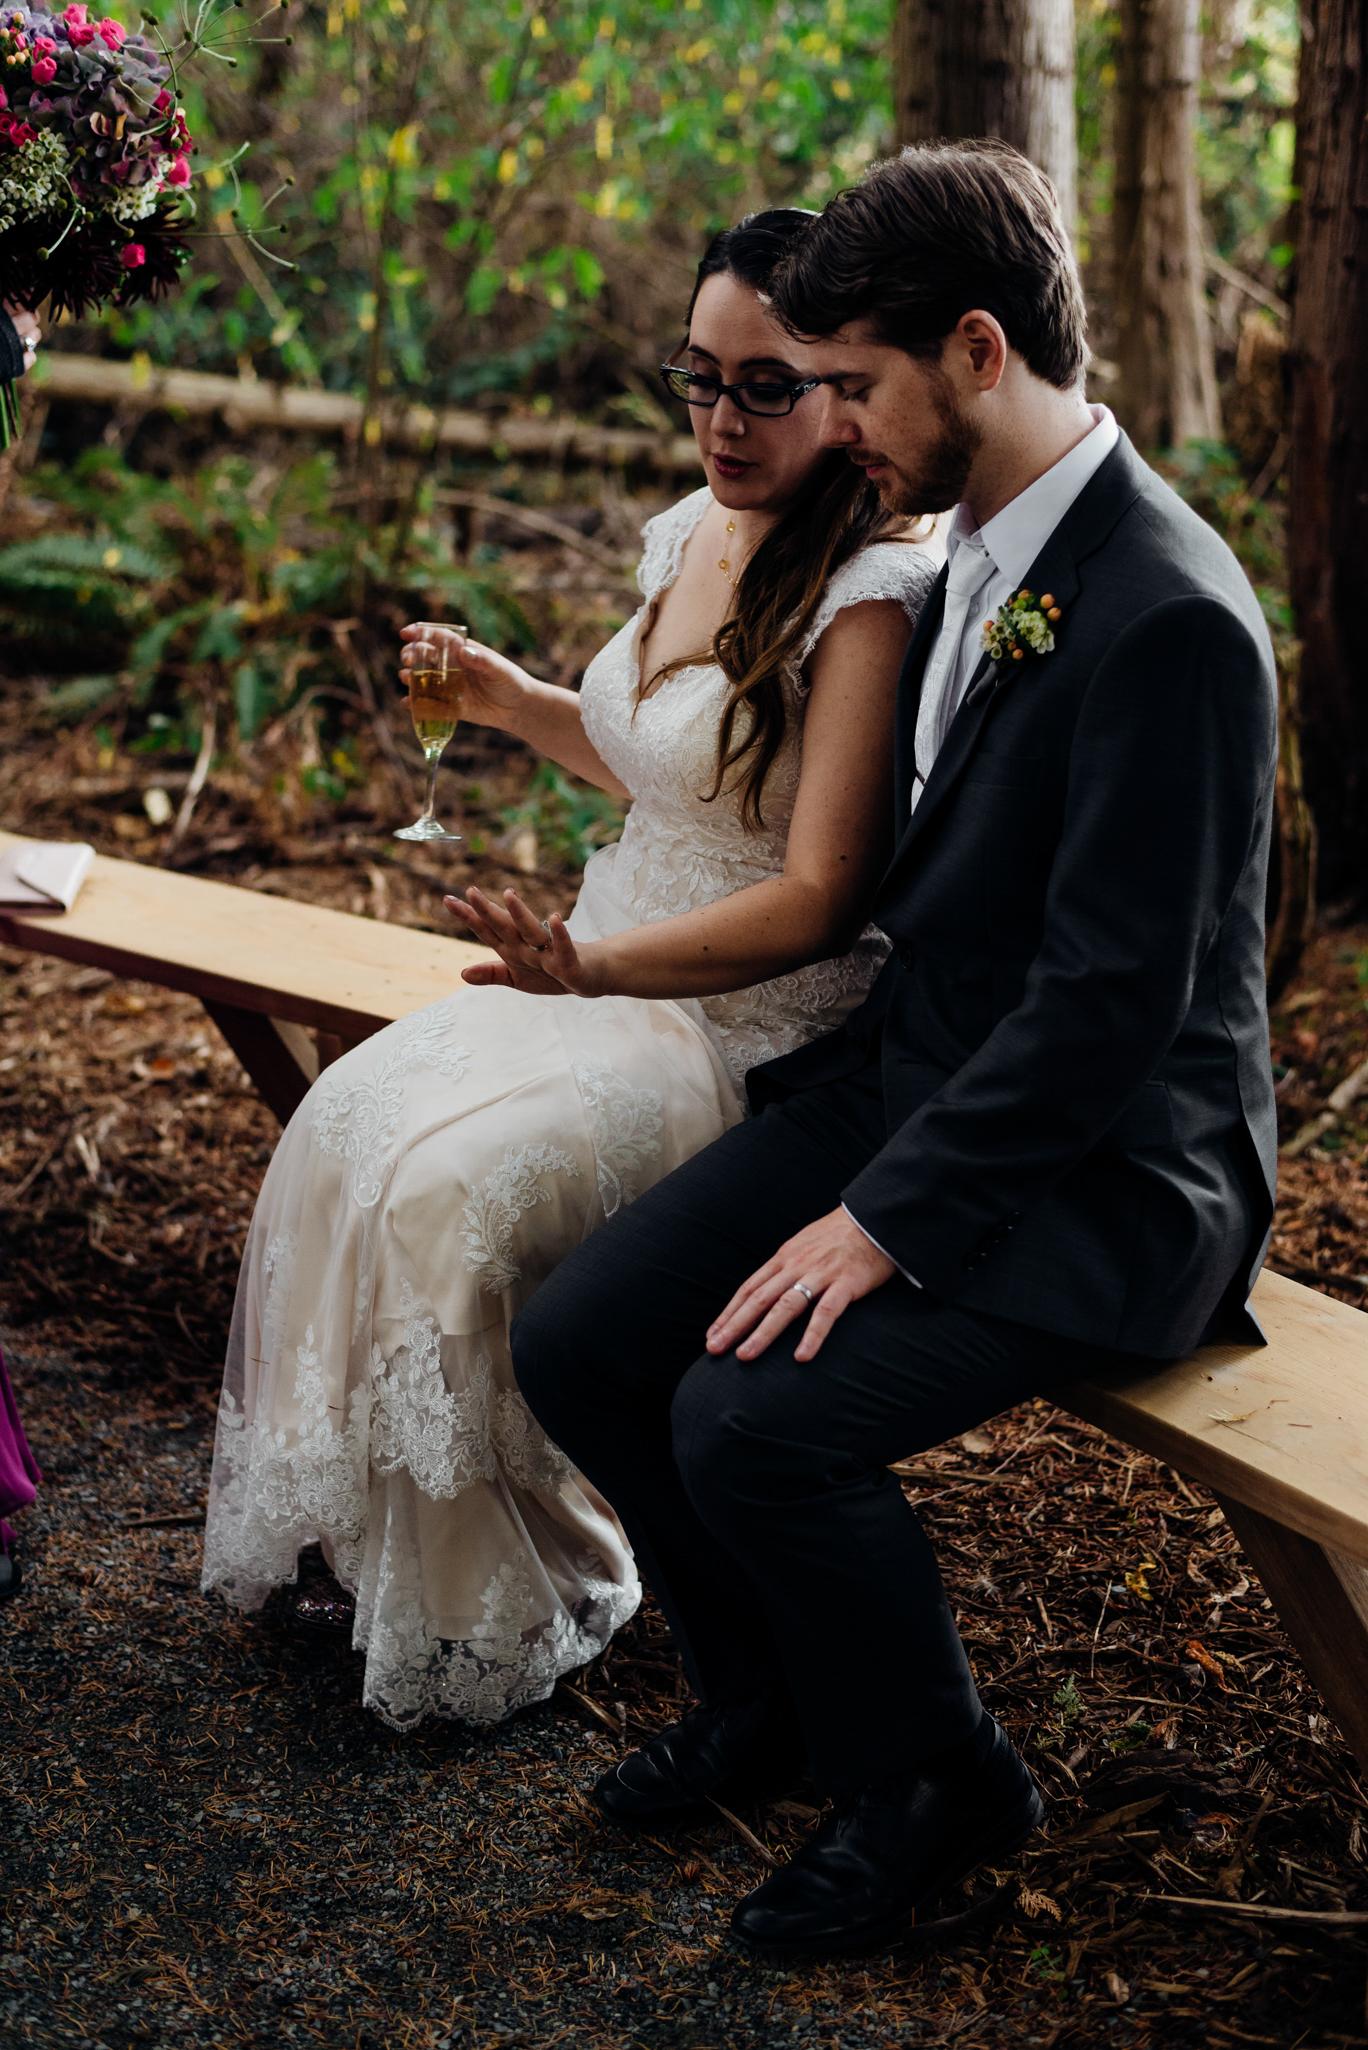 Nicola_Reiersen_Photography_Sea_Cider_Forest_Wedding (89).jpg